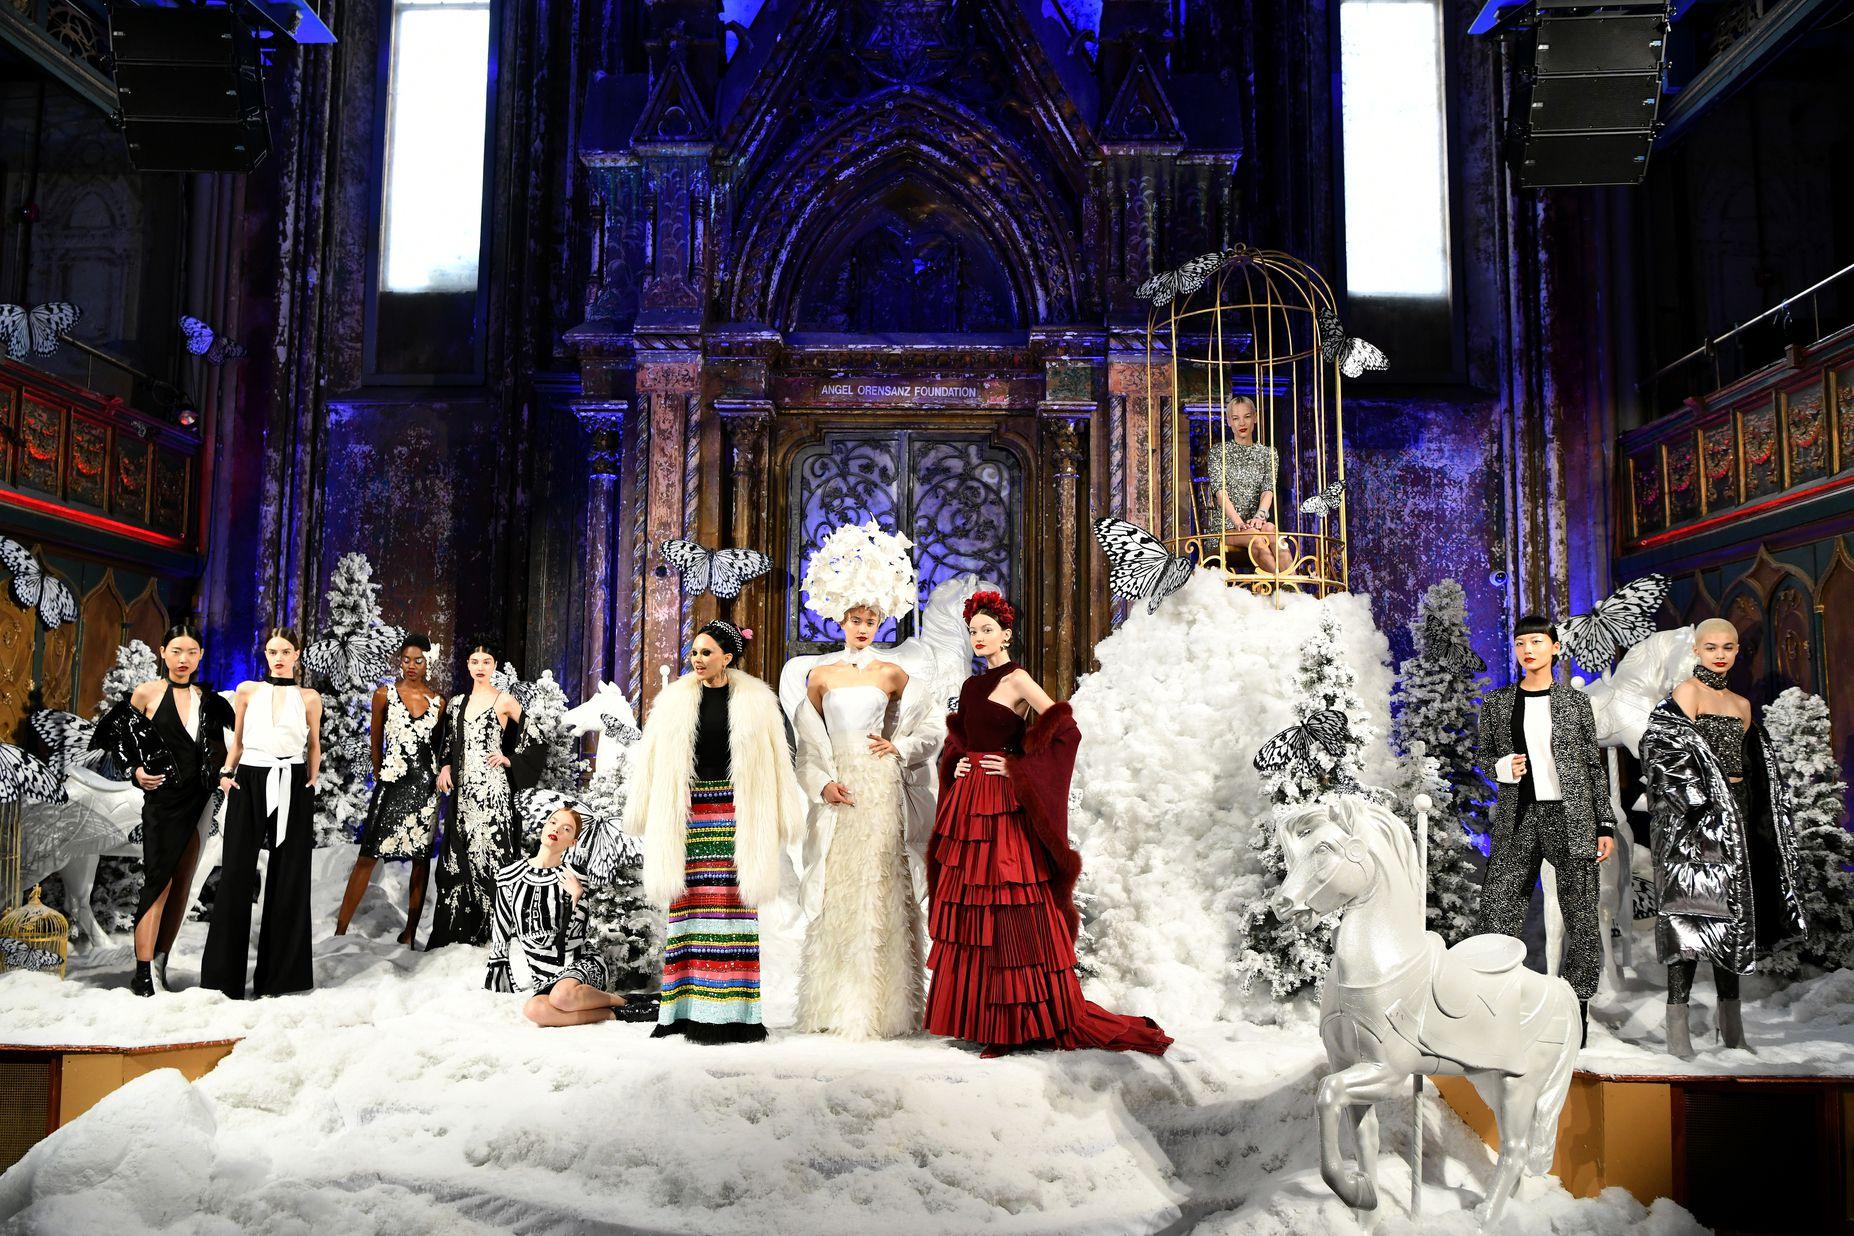 鳥籠裡的少女、雪地上的精靈⋯ Alice + Olivia 這場超華麗大秀根本一幅幅的「古典名畫」!